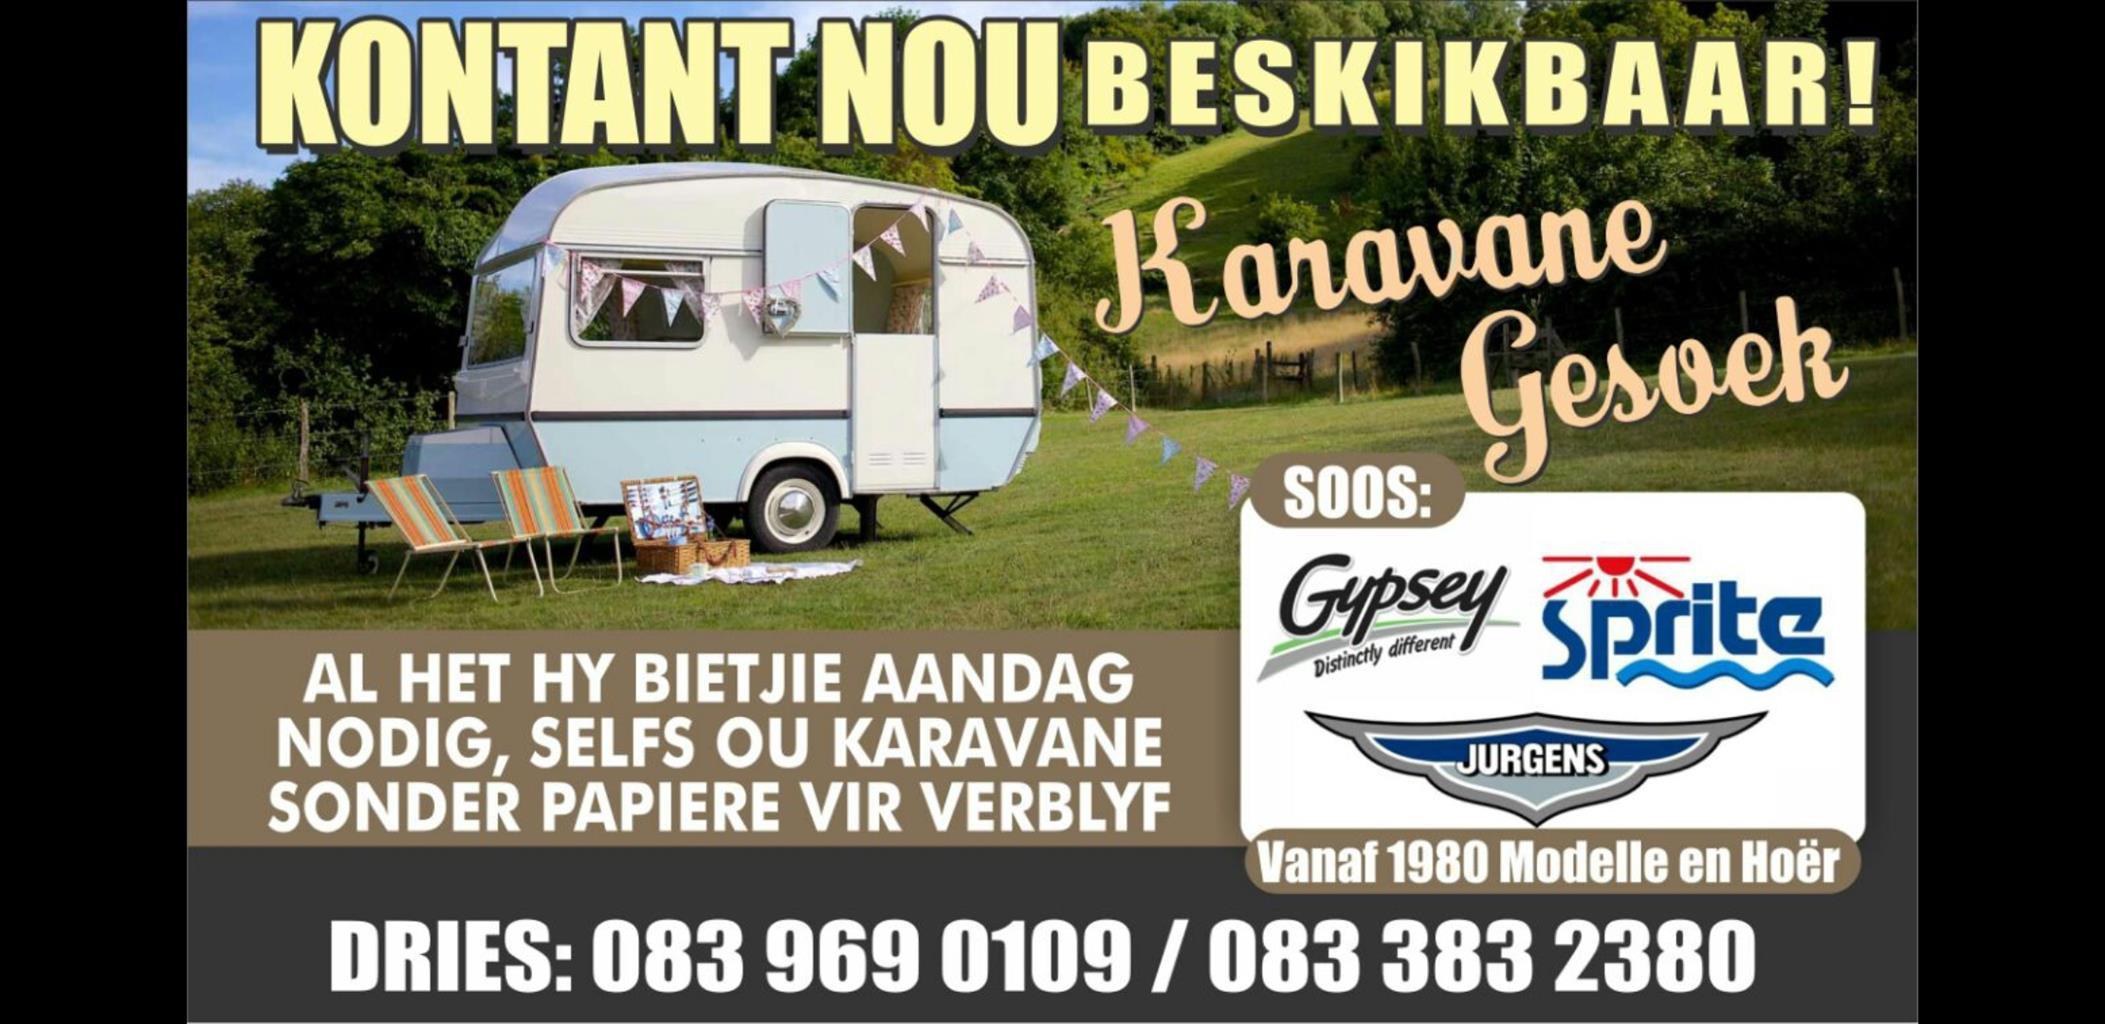 Kontant dadelik beskikbaar vir jou karavaan soos Jurgens Sprite en Gypsey vanaf 1980/90/2000 modelle